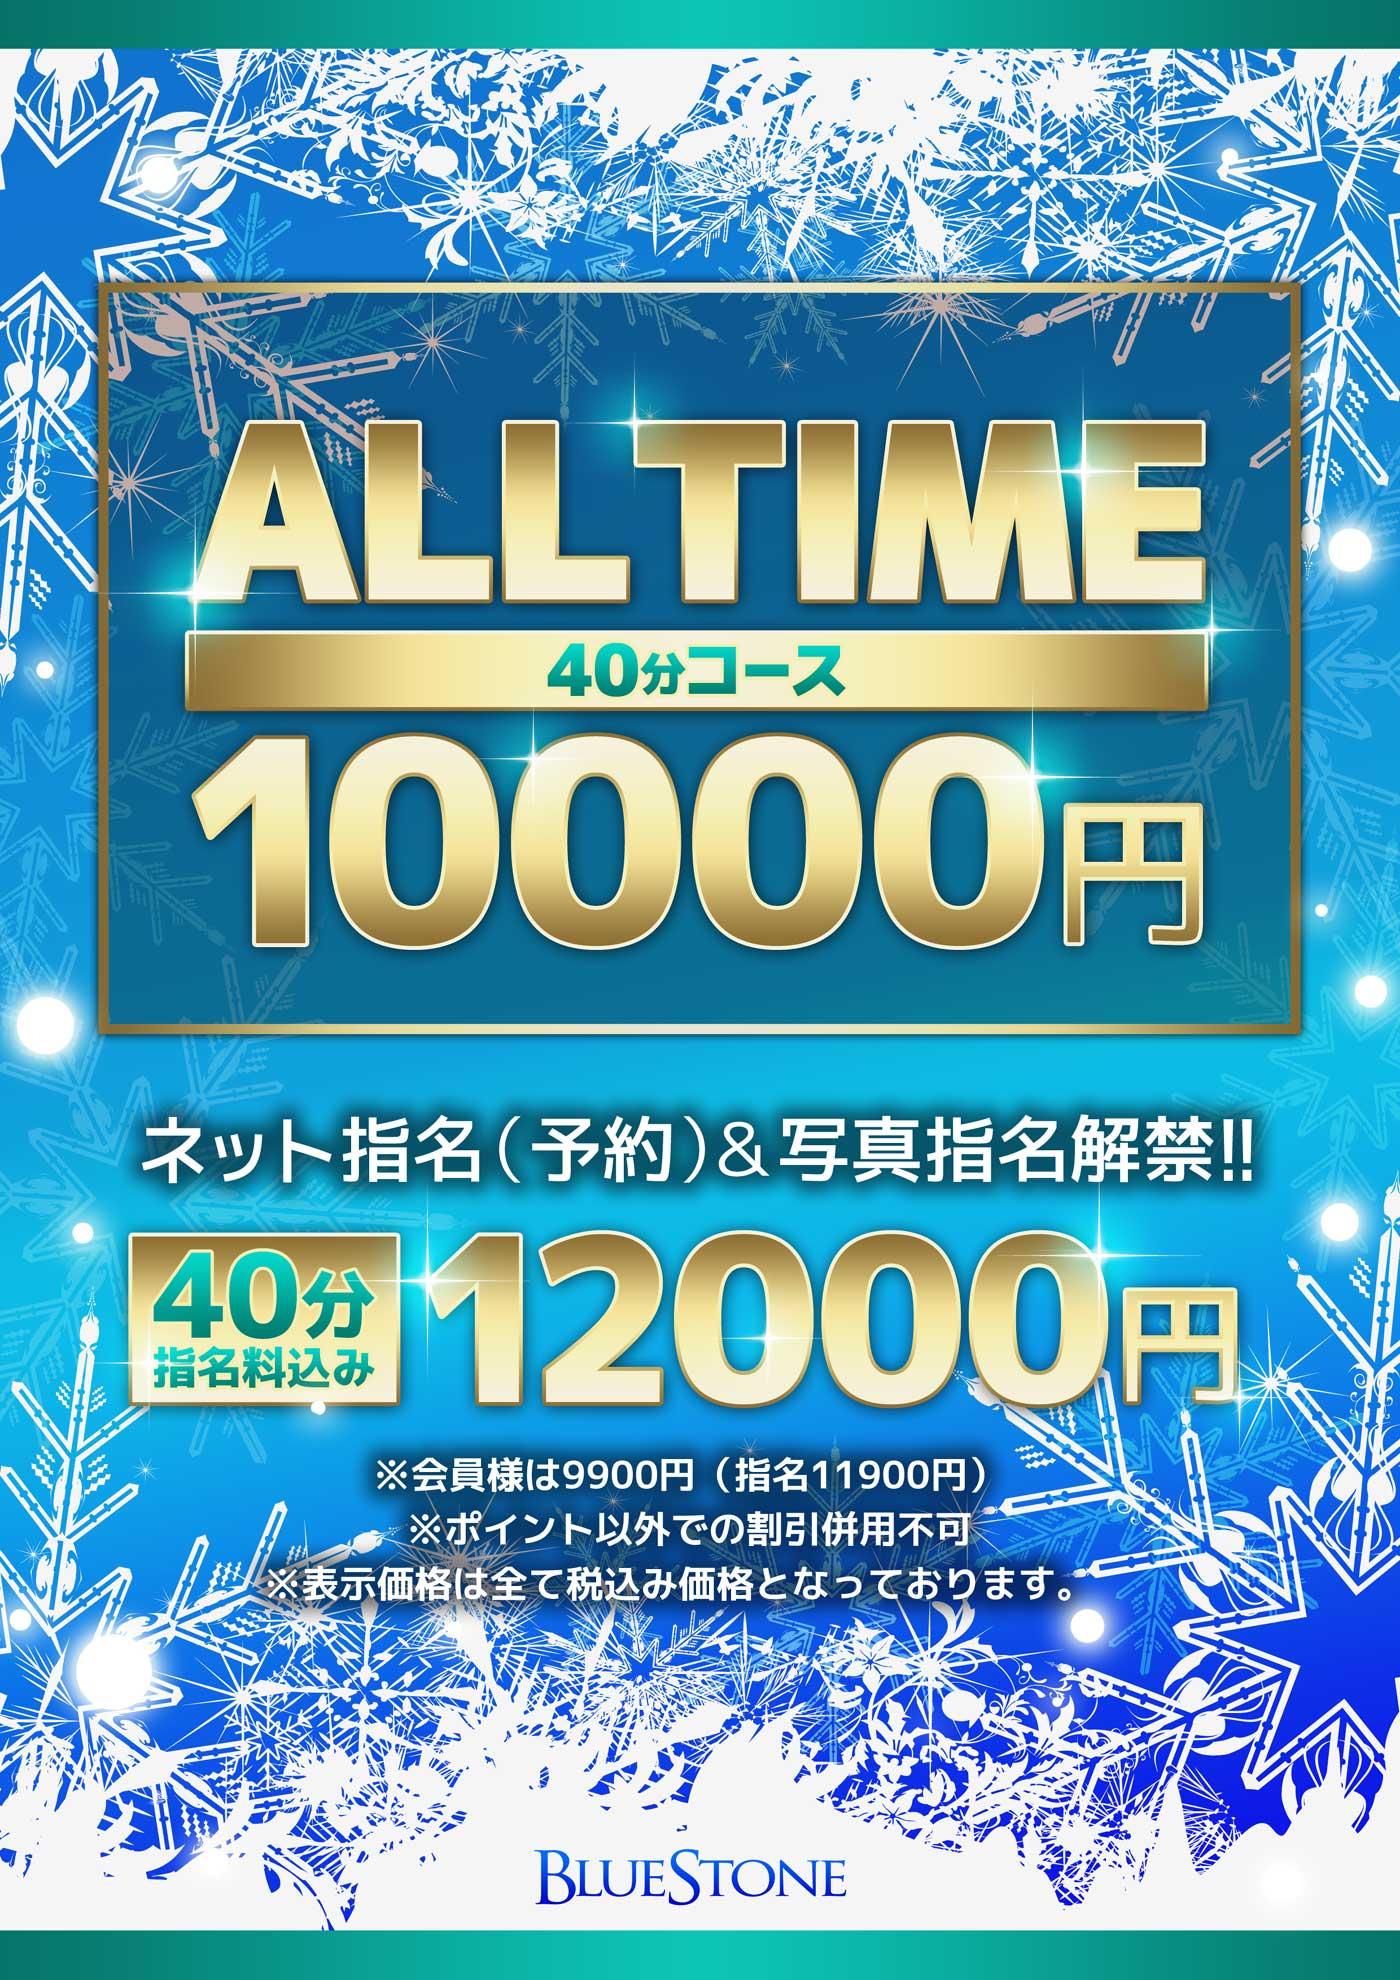 40分コースがなんと10000円(入会金込み)で遊べちゃいます‼